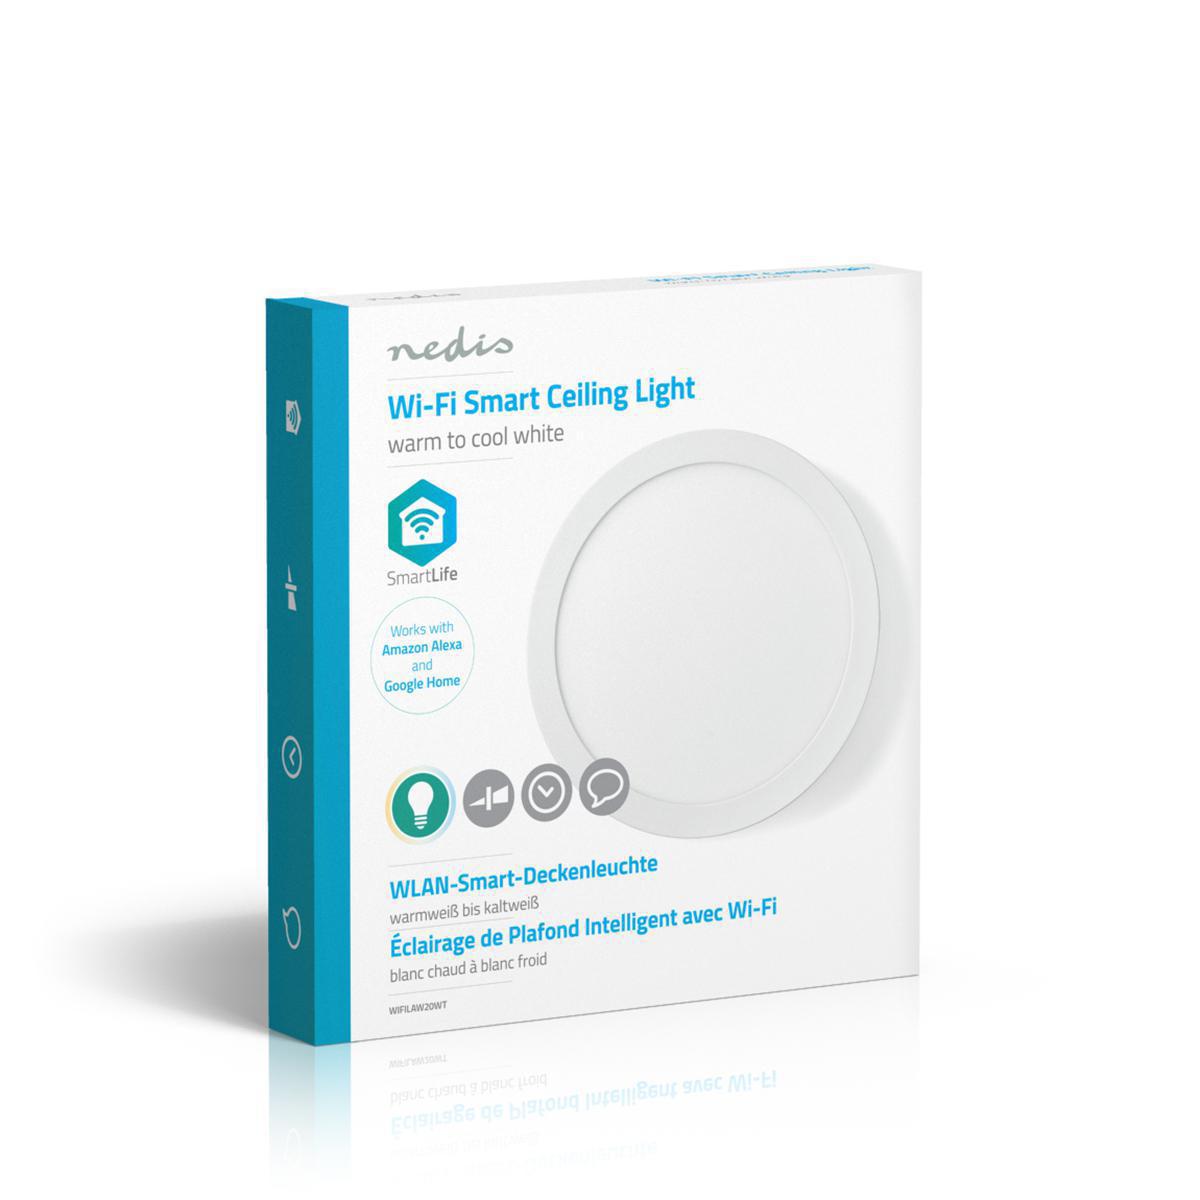 WiFi - Smart LED plafondlamp - 18 watt - 30cm - warm tot koel wit - 18 watt - dimbaar - app besturing - verpakking